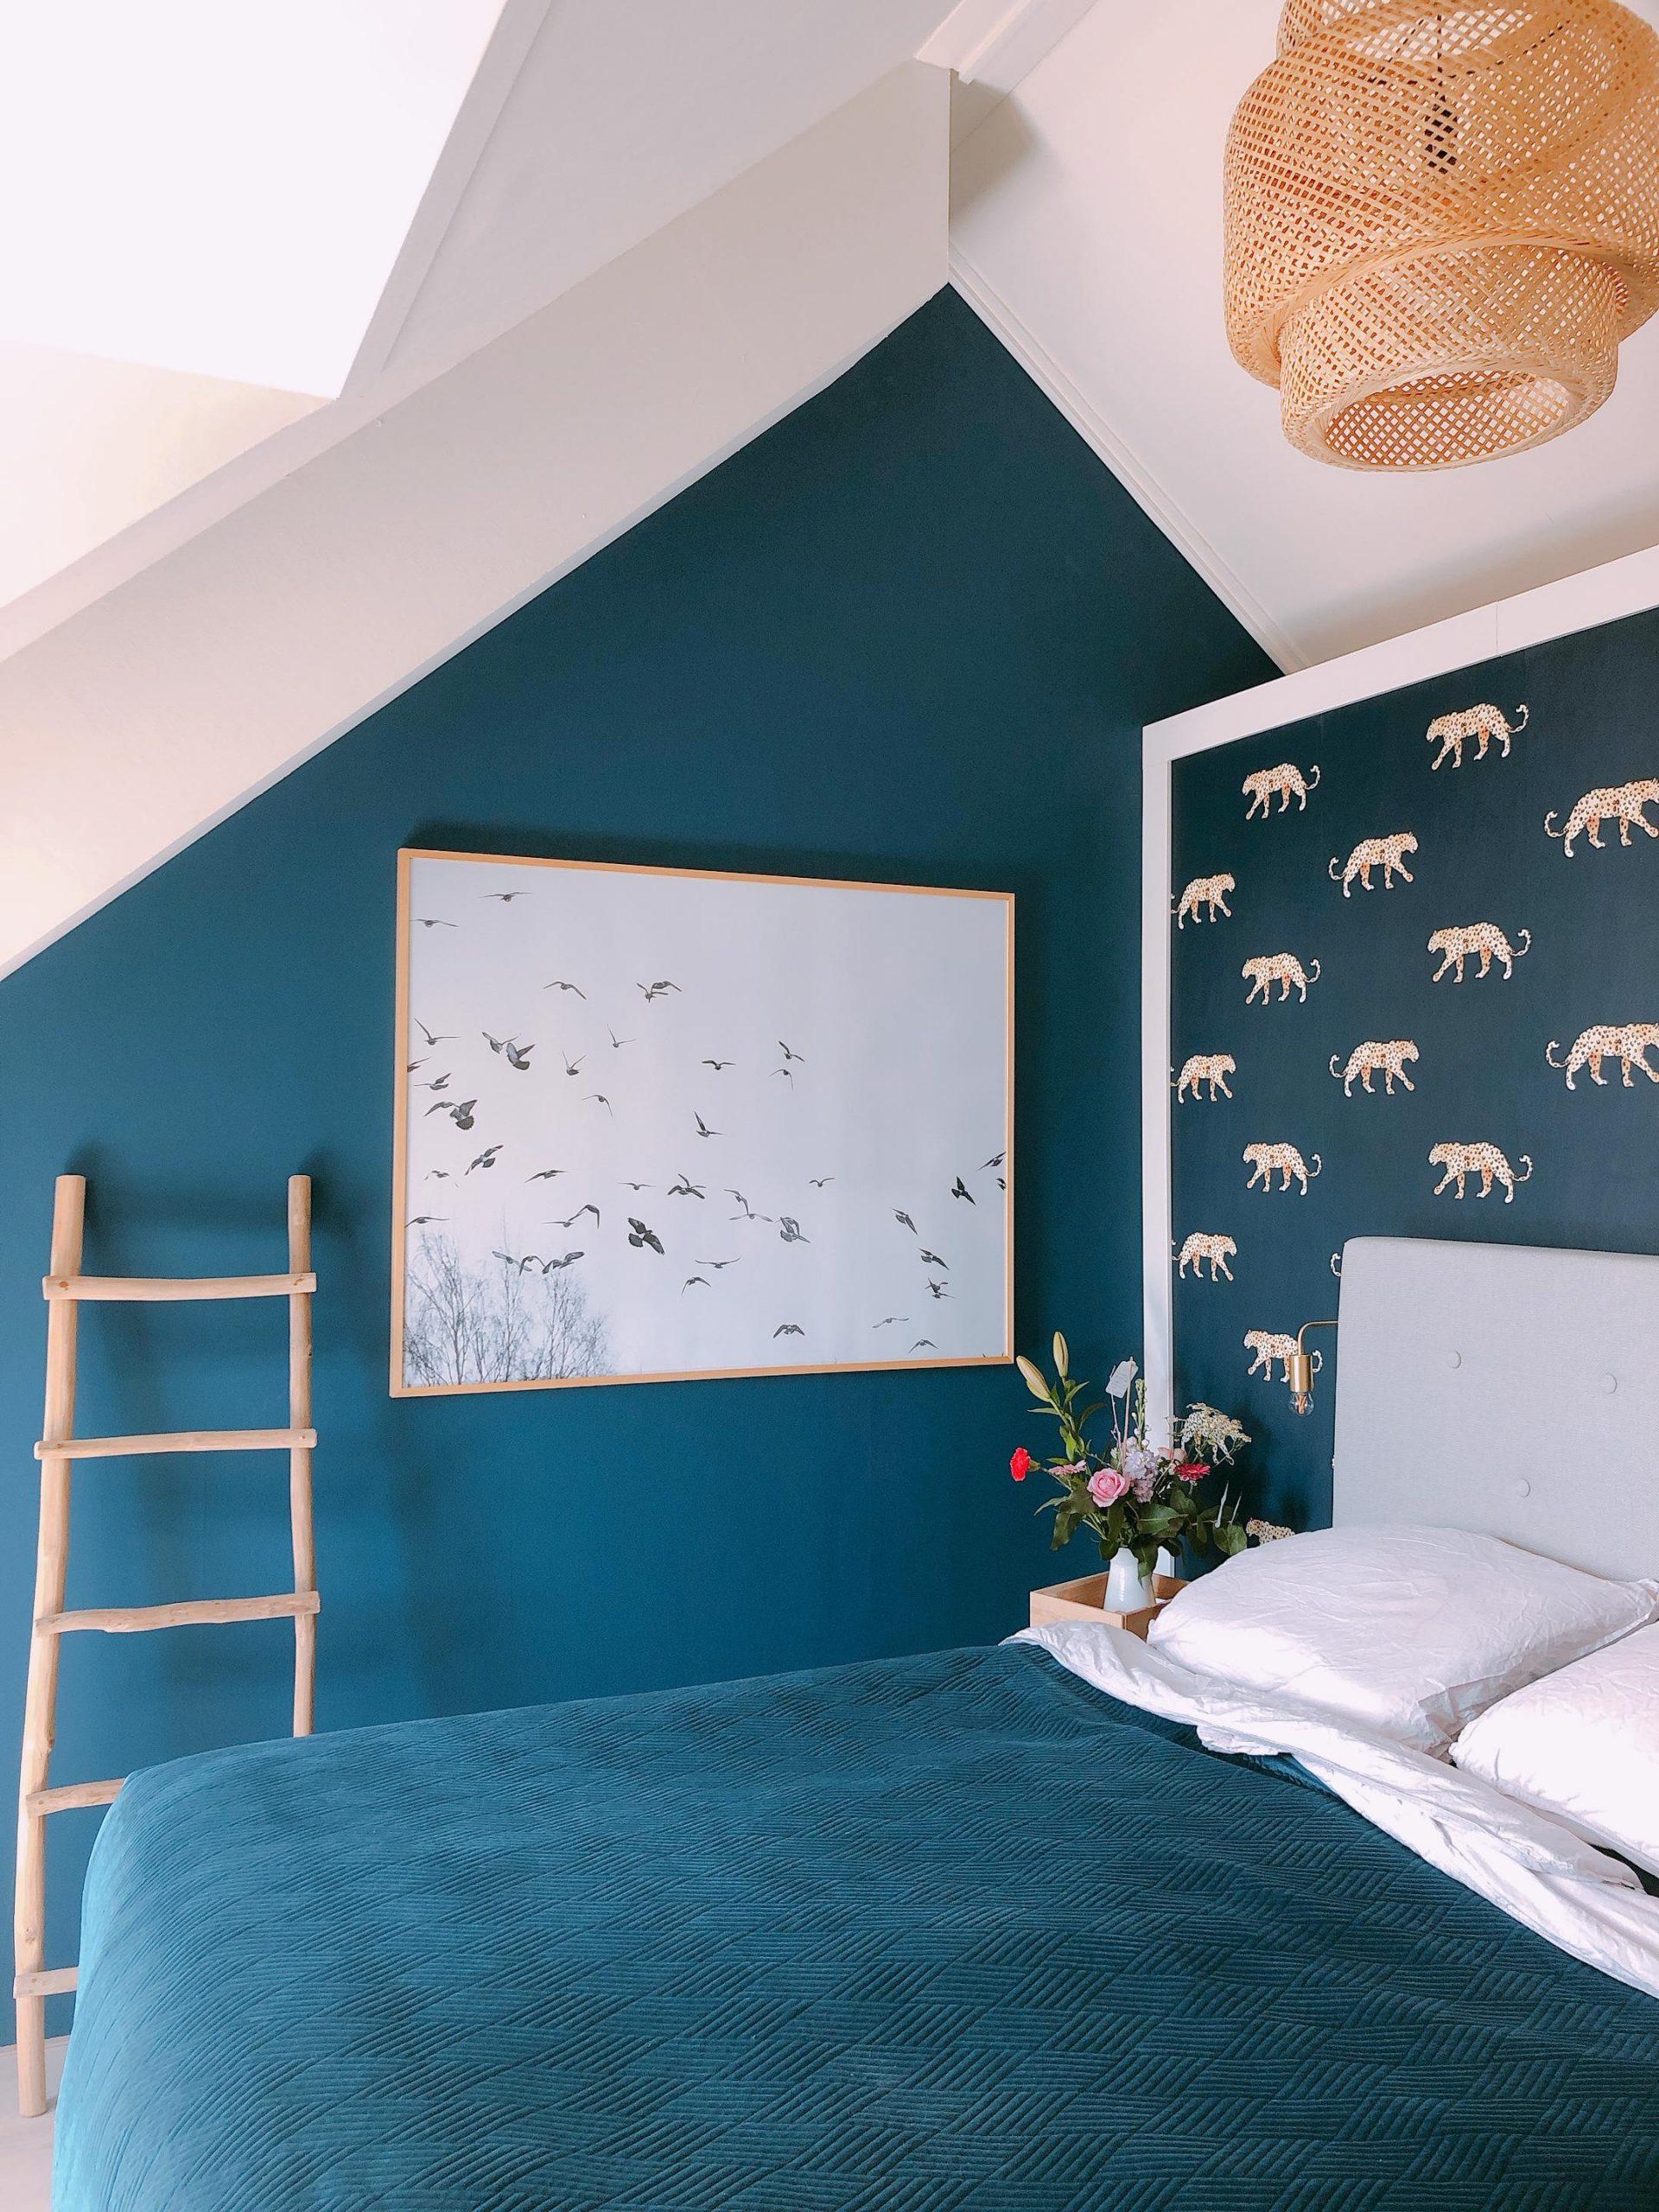 IMG 6840 2160x2880 1 scaled - De nieuwe accessoires op de kinderkamers én onze slaapkamer!